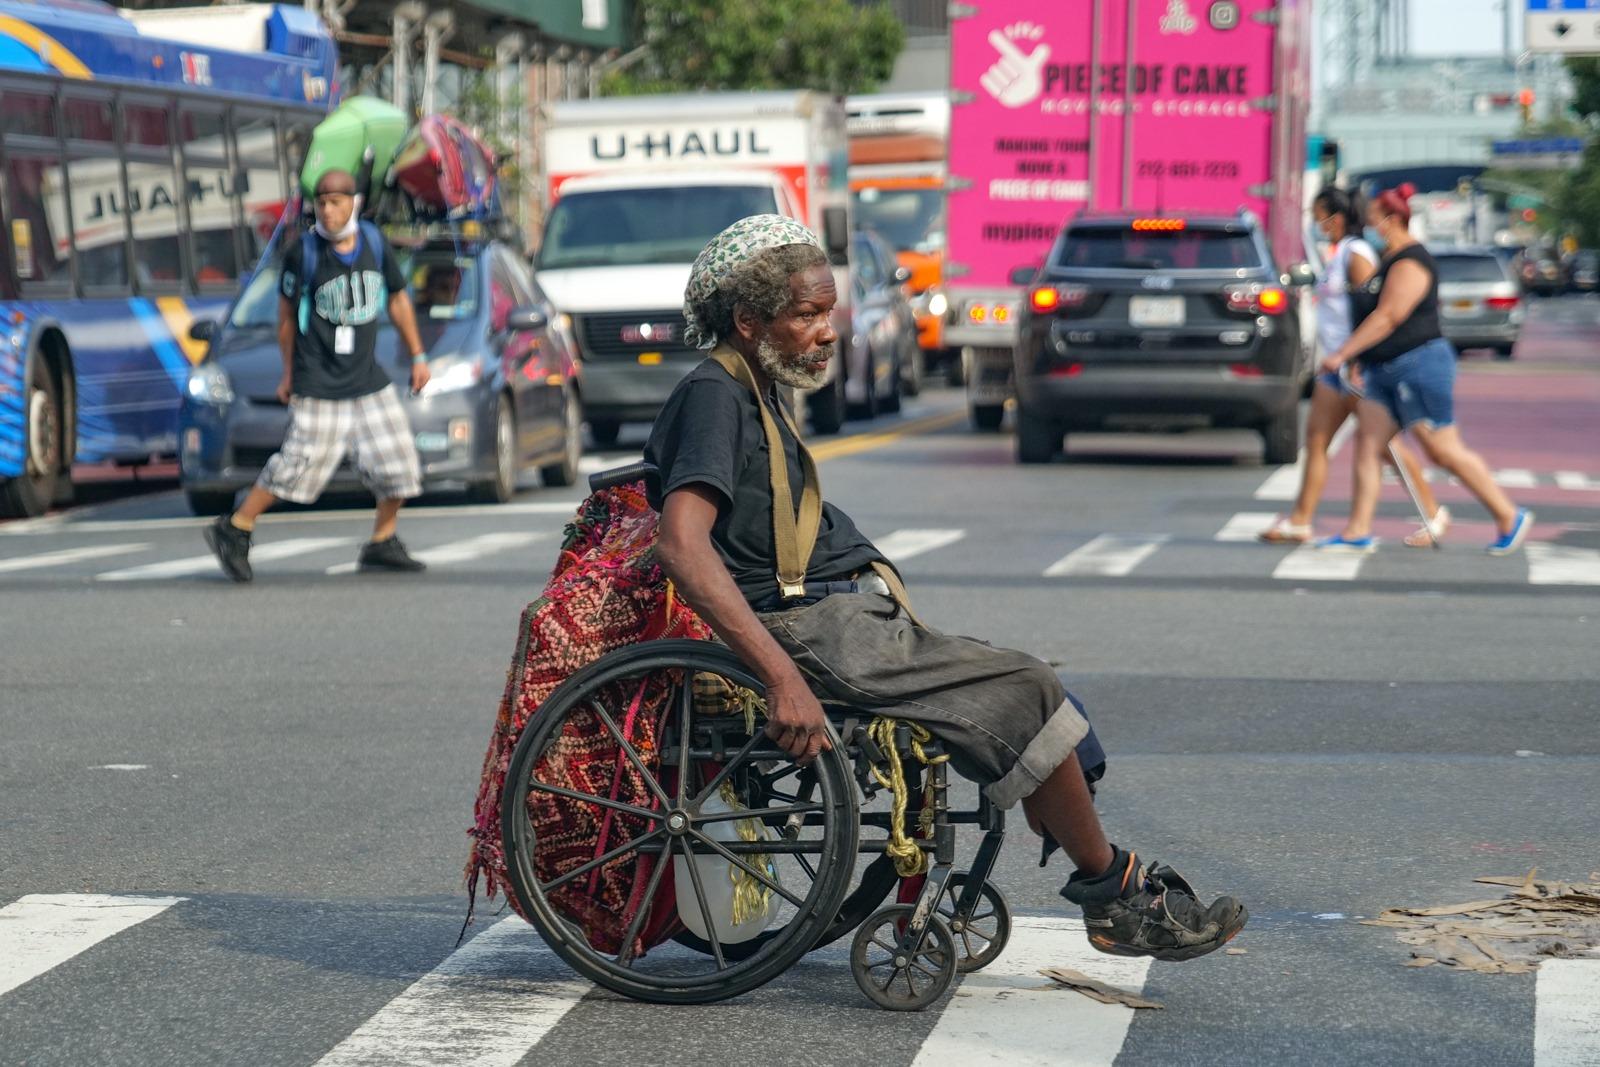 Pocemu-to na ulicah ocenʹ...